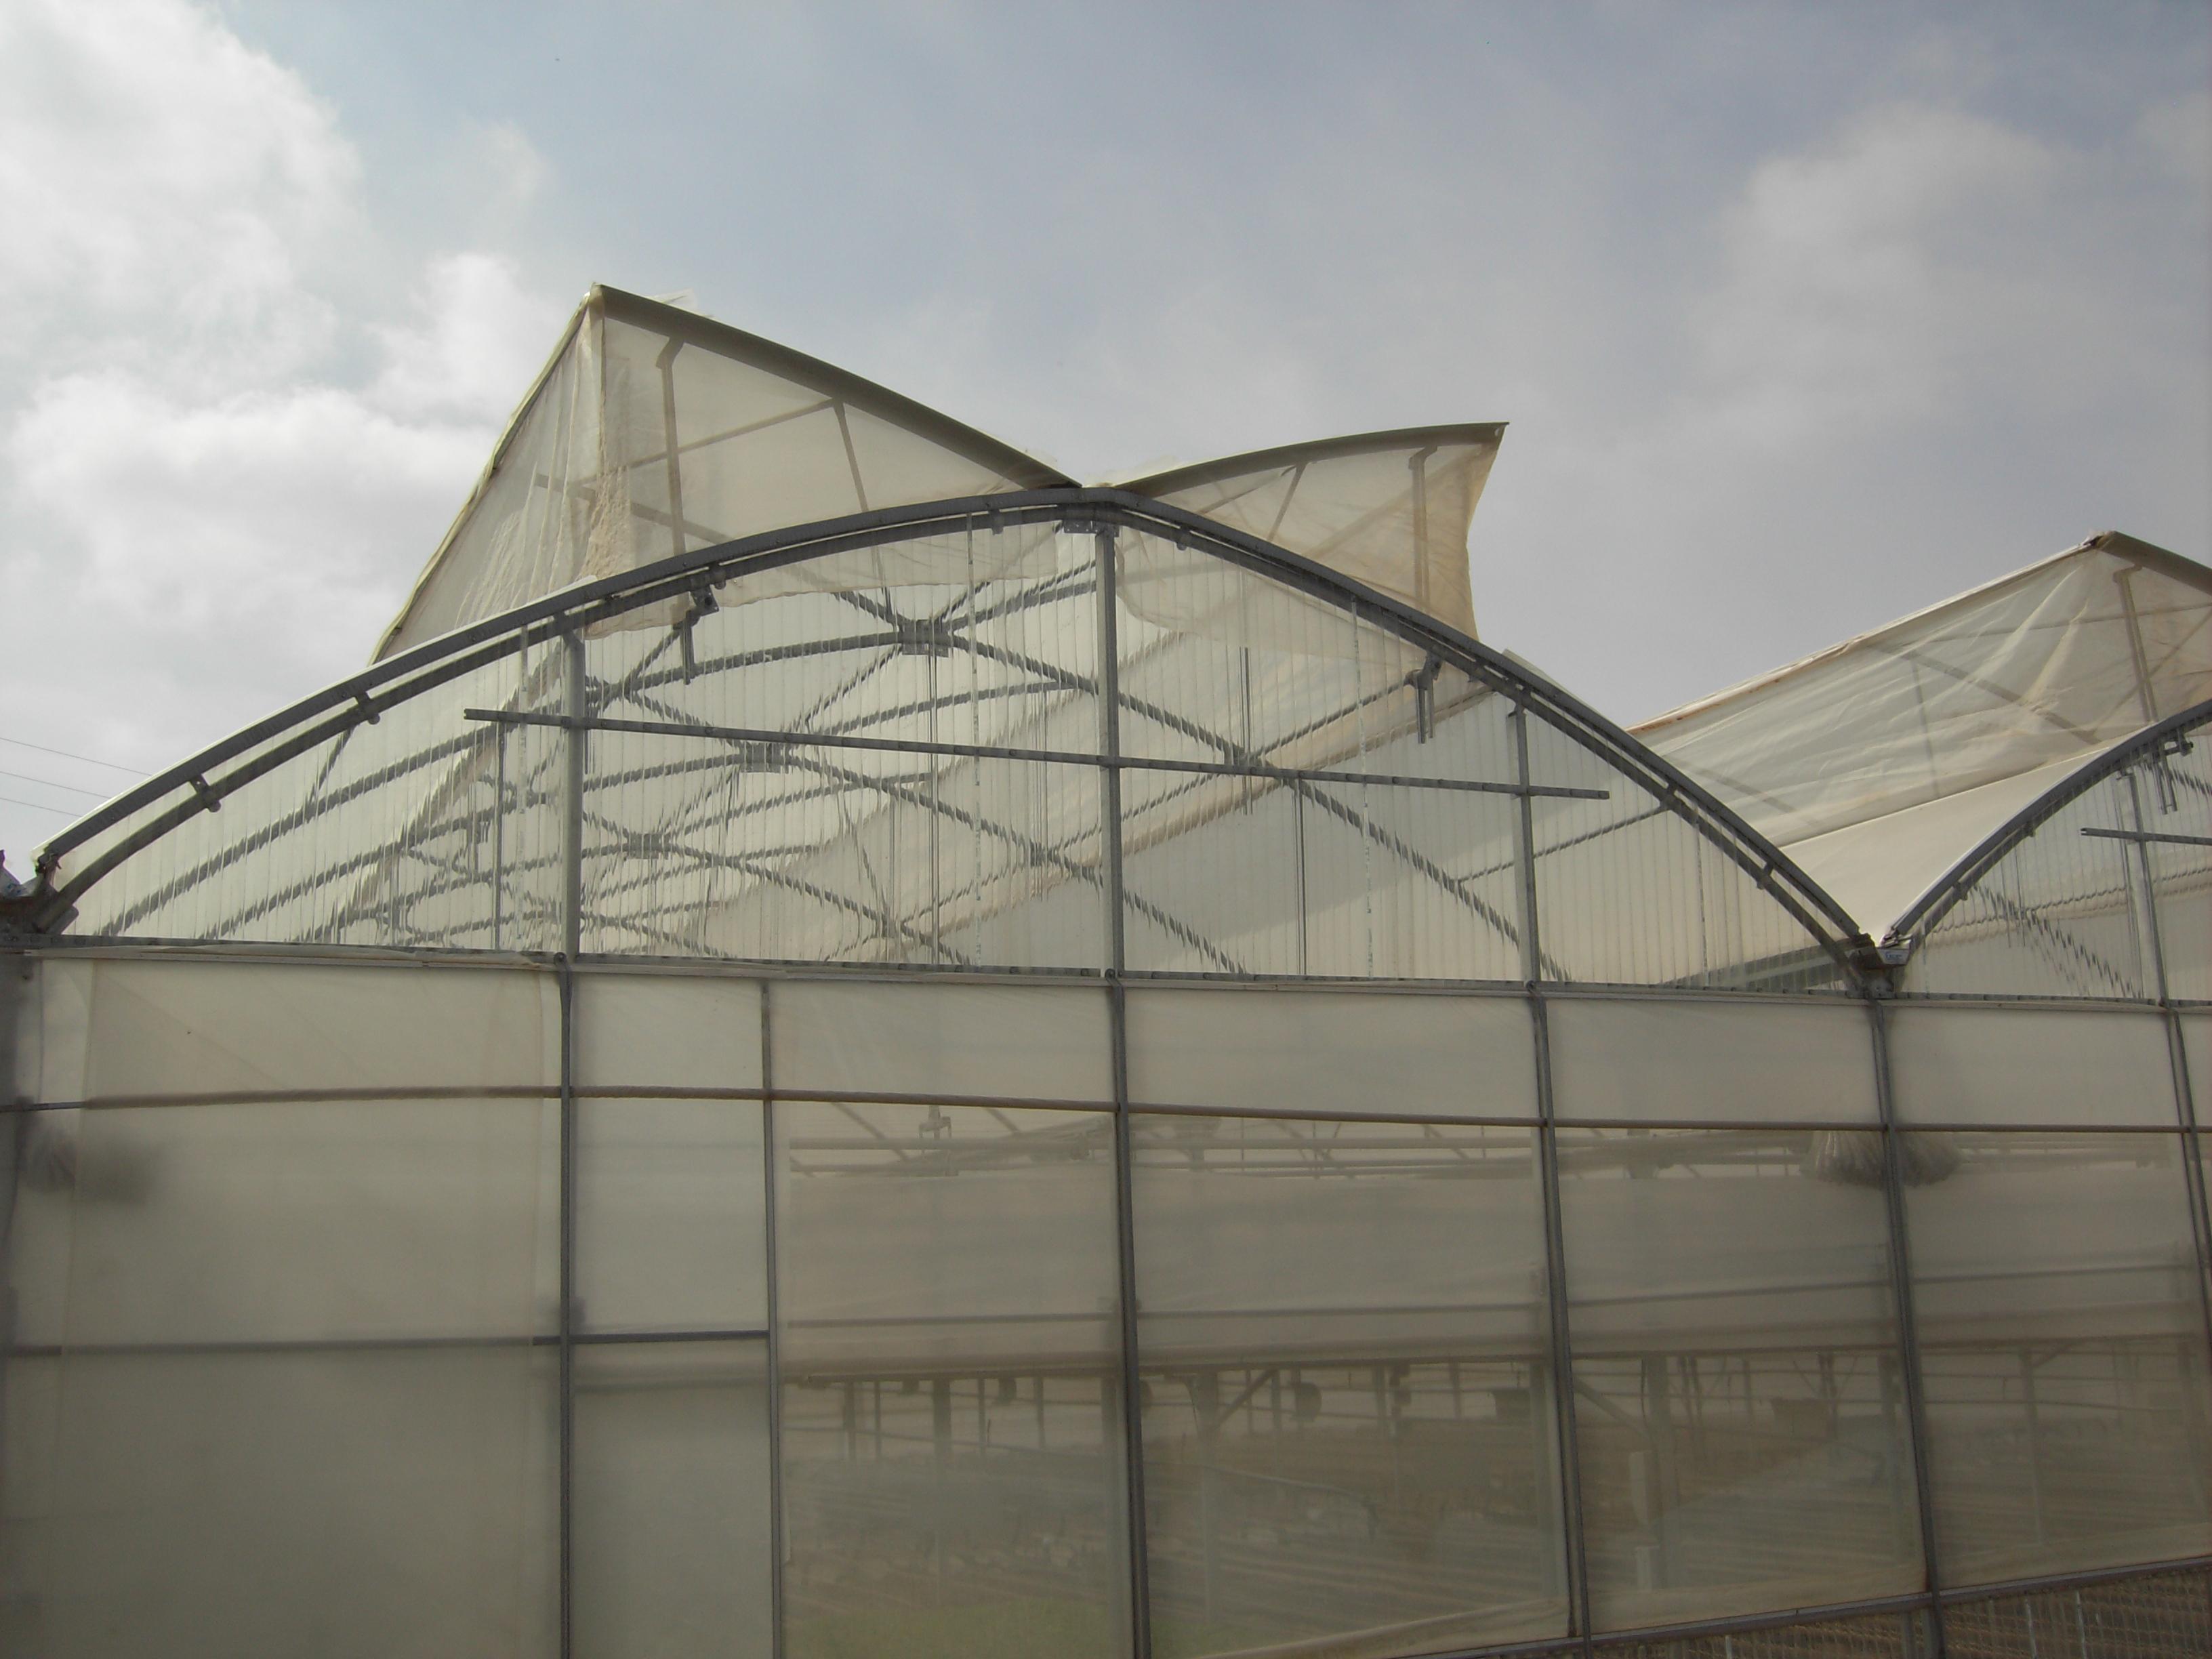 szklarnie-systemy-nawadniajace-i-urzadzenia-wyprodukowane-w-hiszpanii